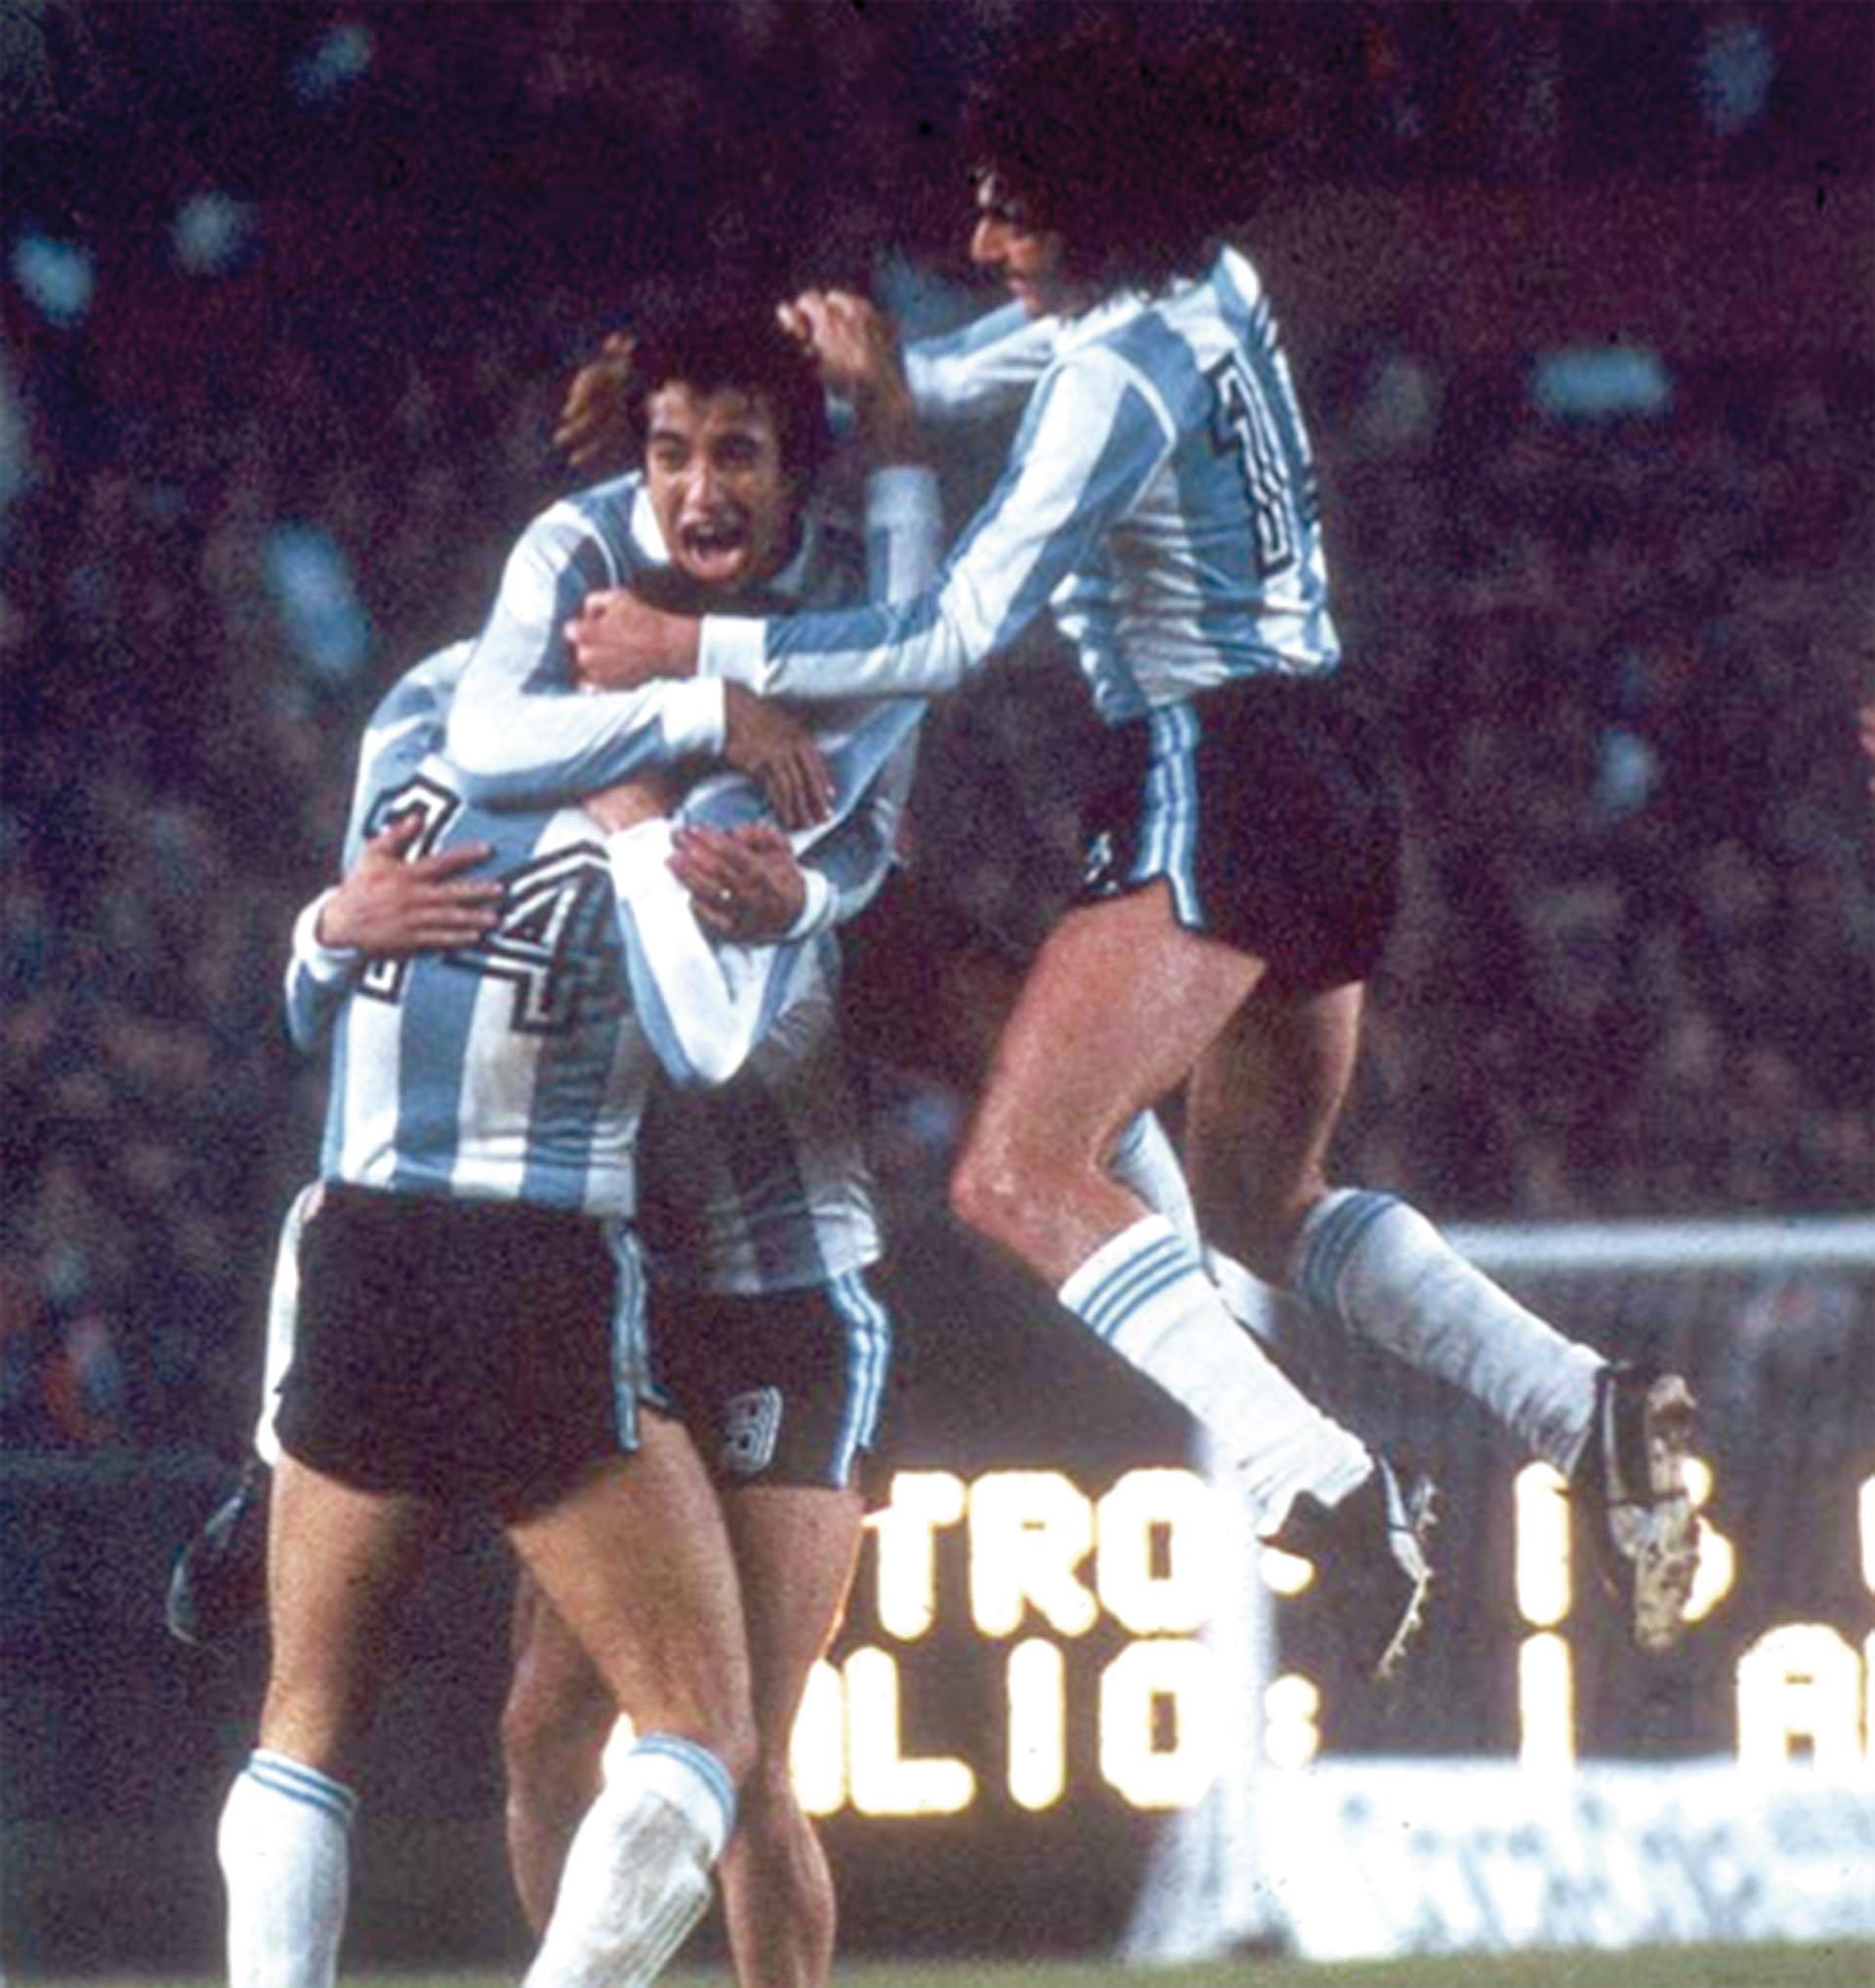 Gallego se abraza con Kempes y Luque para celebrar un gol. Se observa el número 9 del pantalón deHouseman, que queda en medio de sus compañeros.